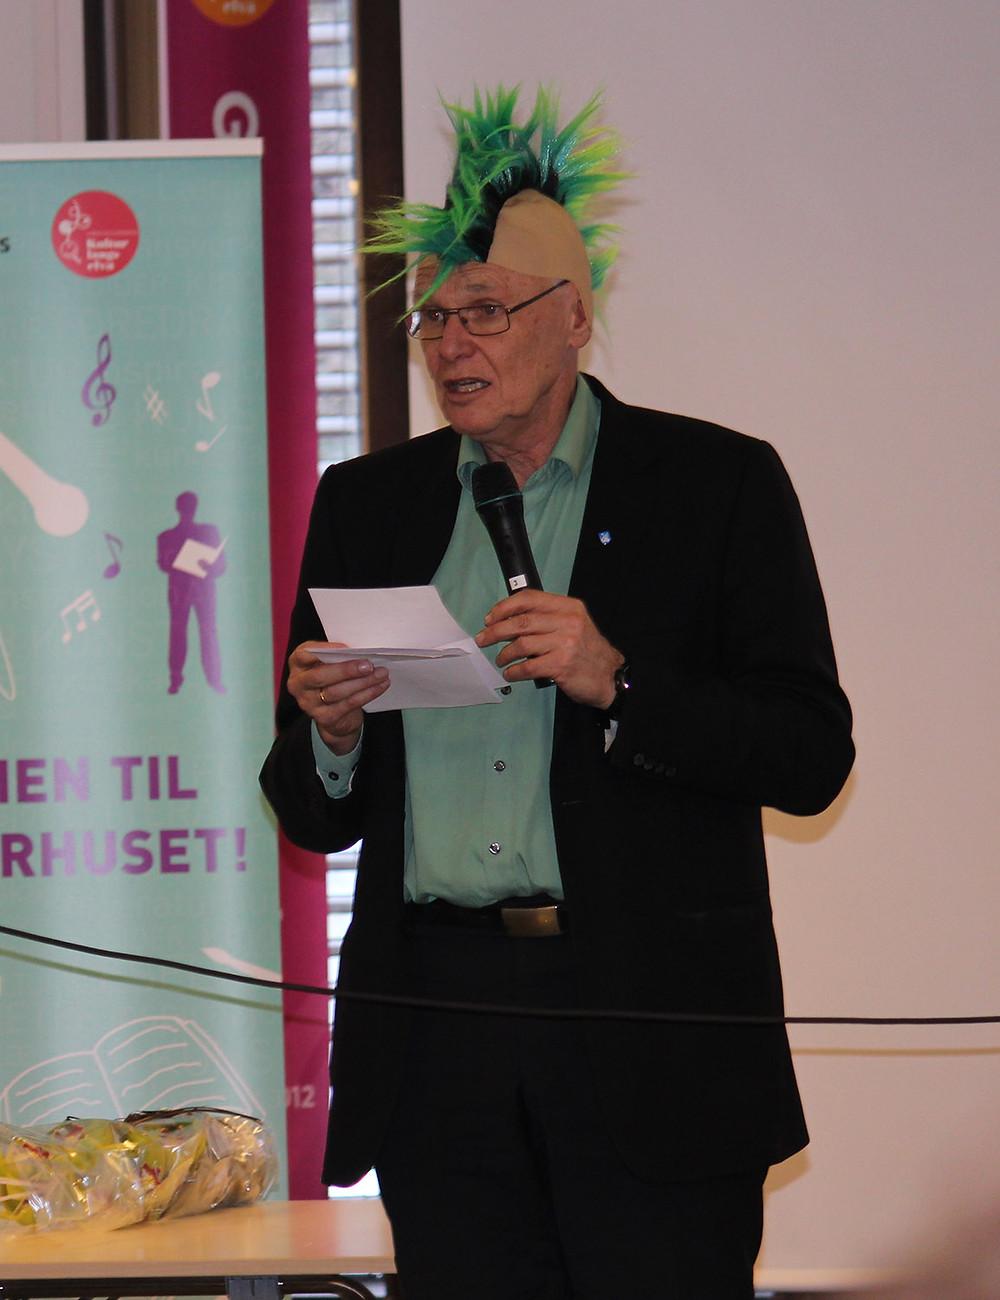 Popkultåpning ordfører Bjørn Iddberg